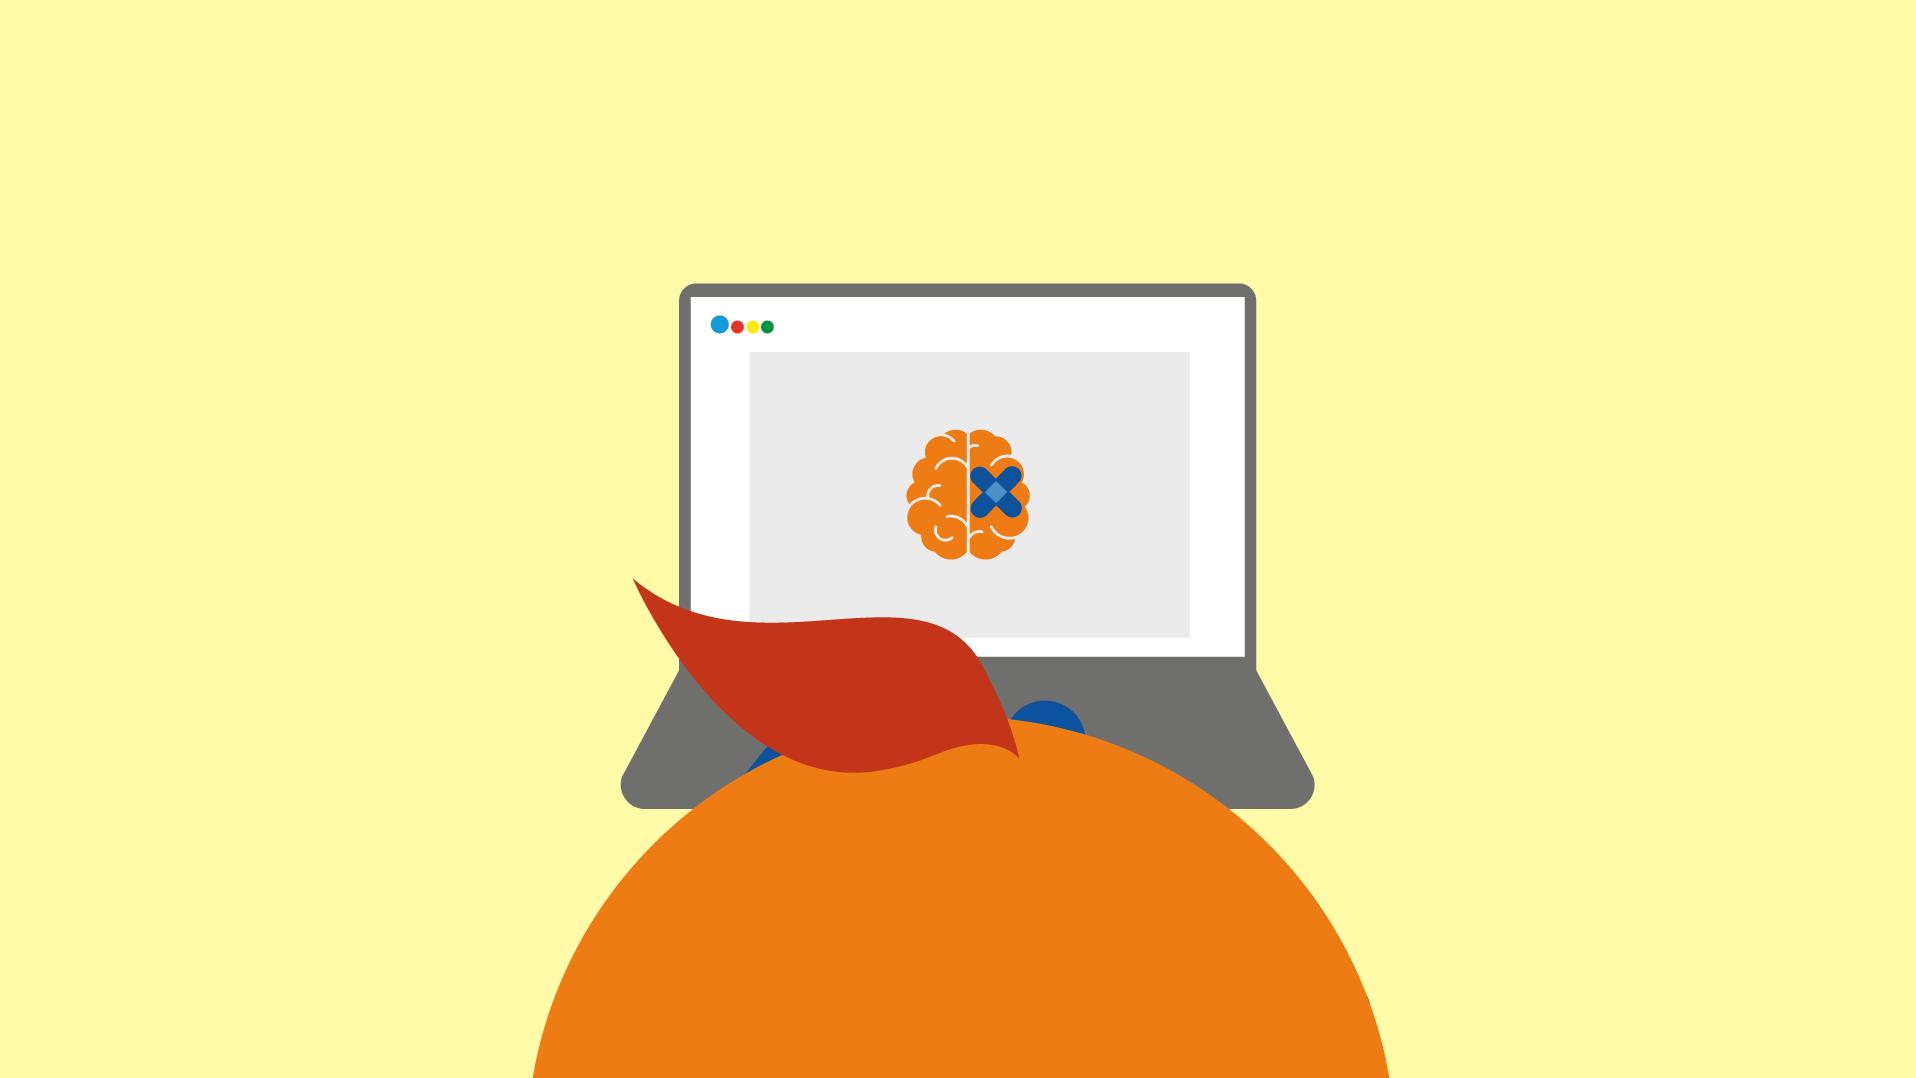 Kampanjebilde med en appelsin-mann sitter foran en pc med bilde av en hjerne